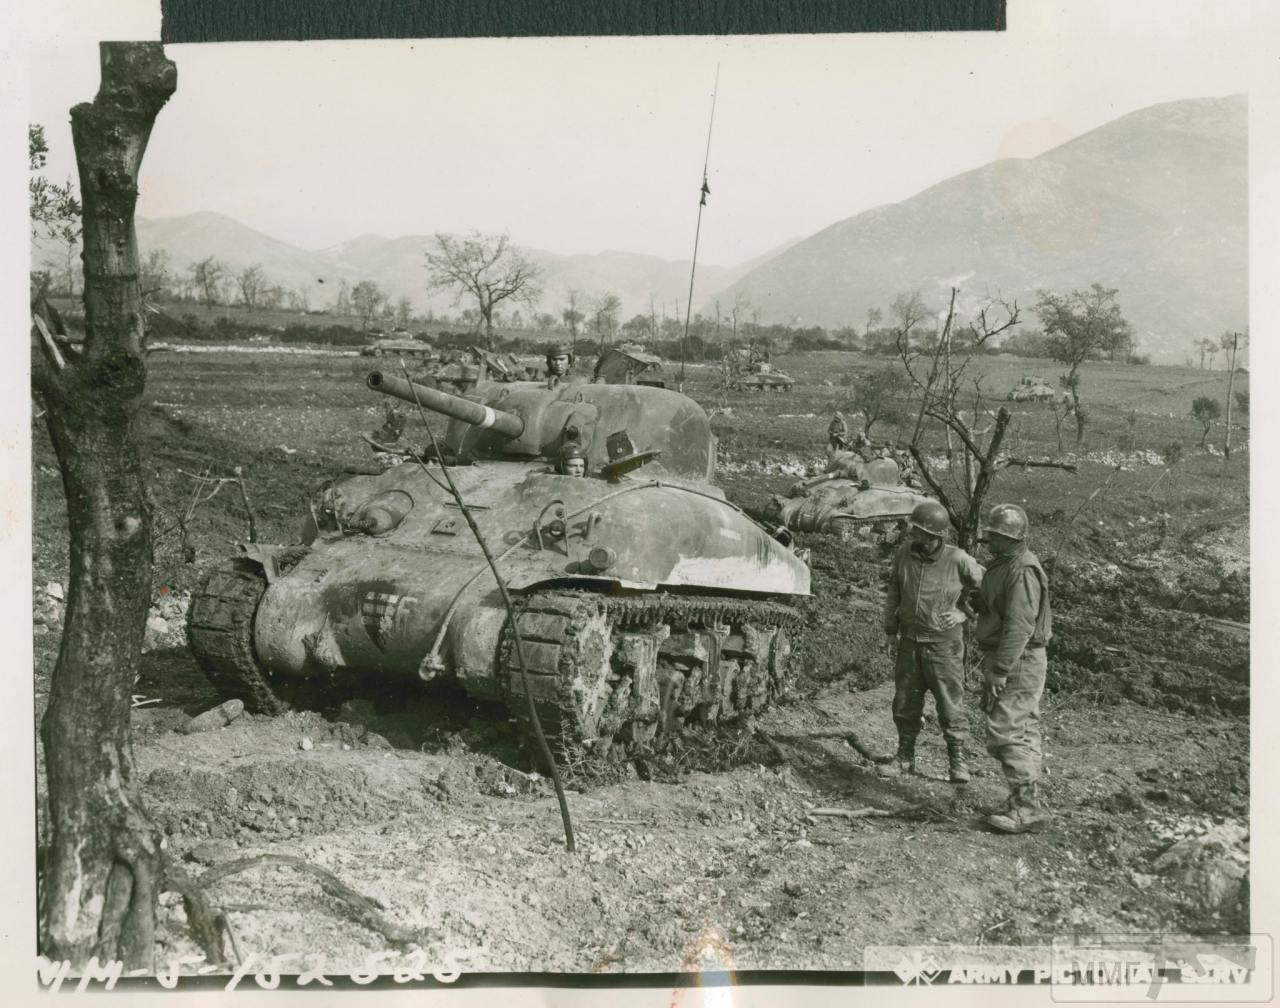 99010 - Военное фото 1939-1945 г.г. Западный фронт и Африка.